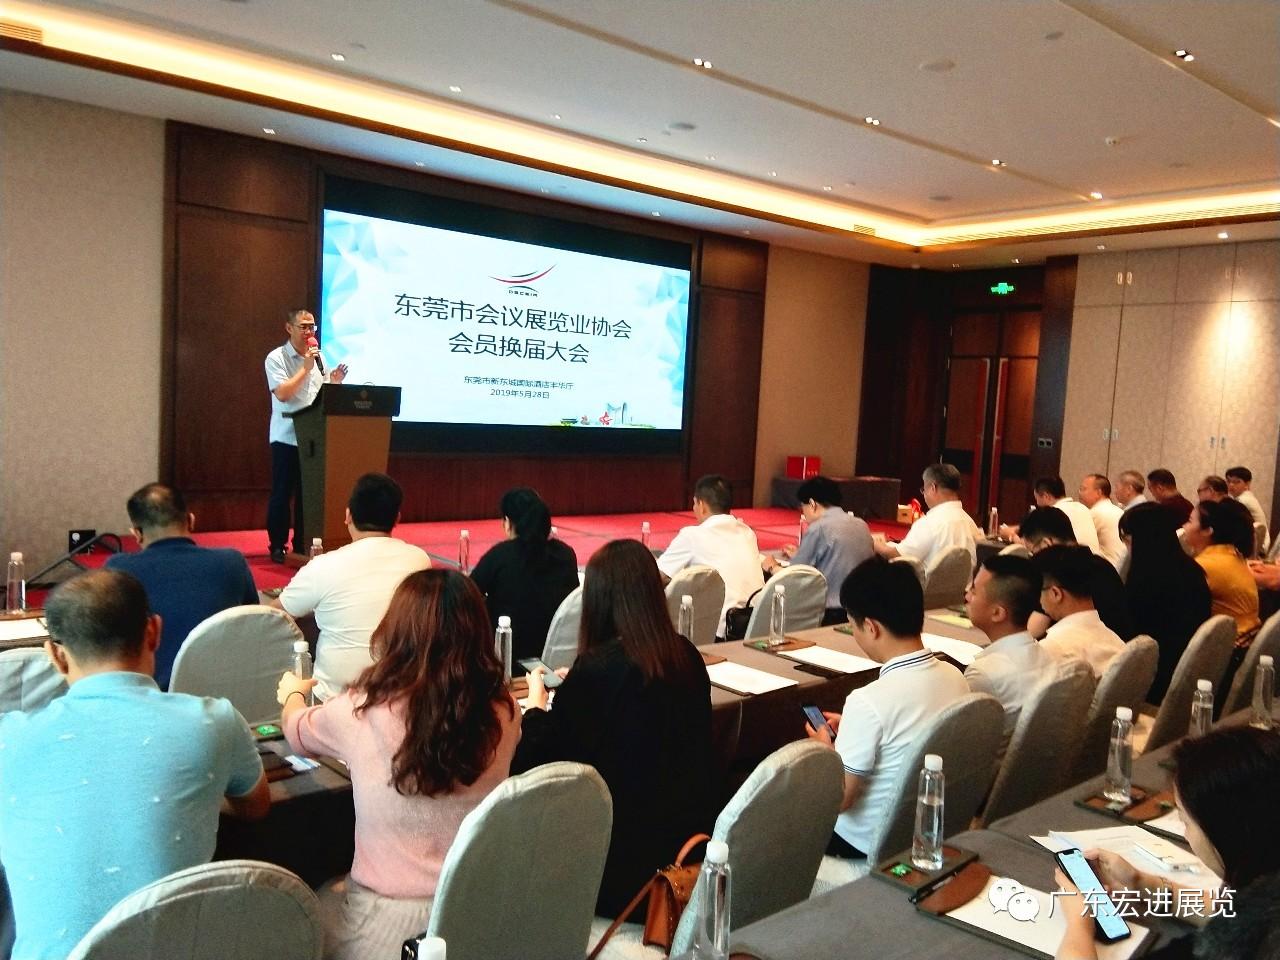 宏进展览获选为东莞市会议展览业协会常务副会长单位